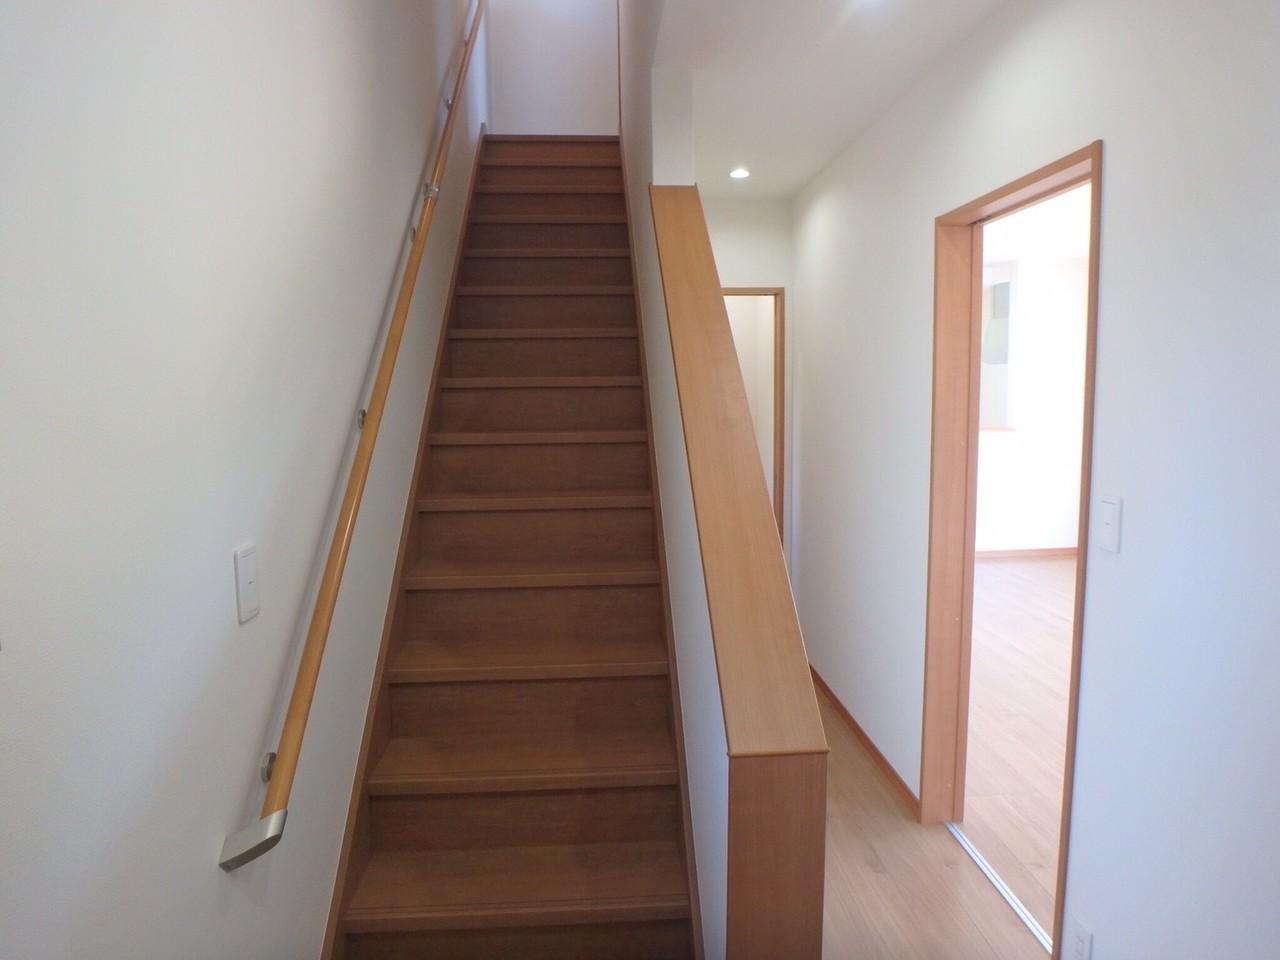 玄関入ってすぐ左手に階段があります。 最近は、リビング階段が多いですが、階段を廊下に設置することにより、光熱費の節約につながります。